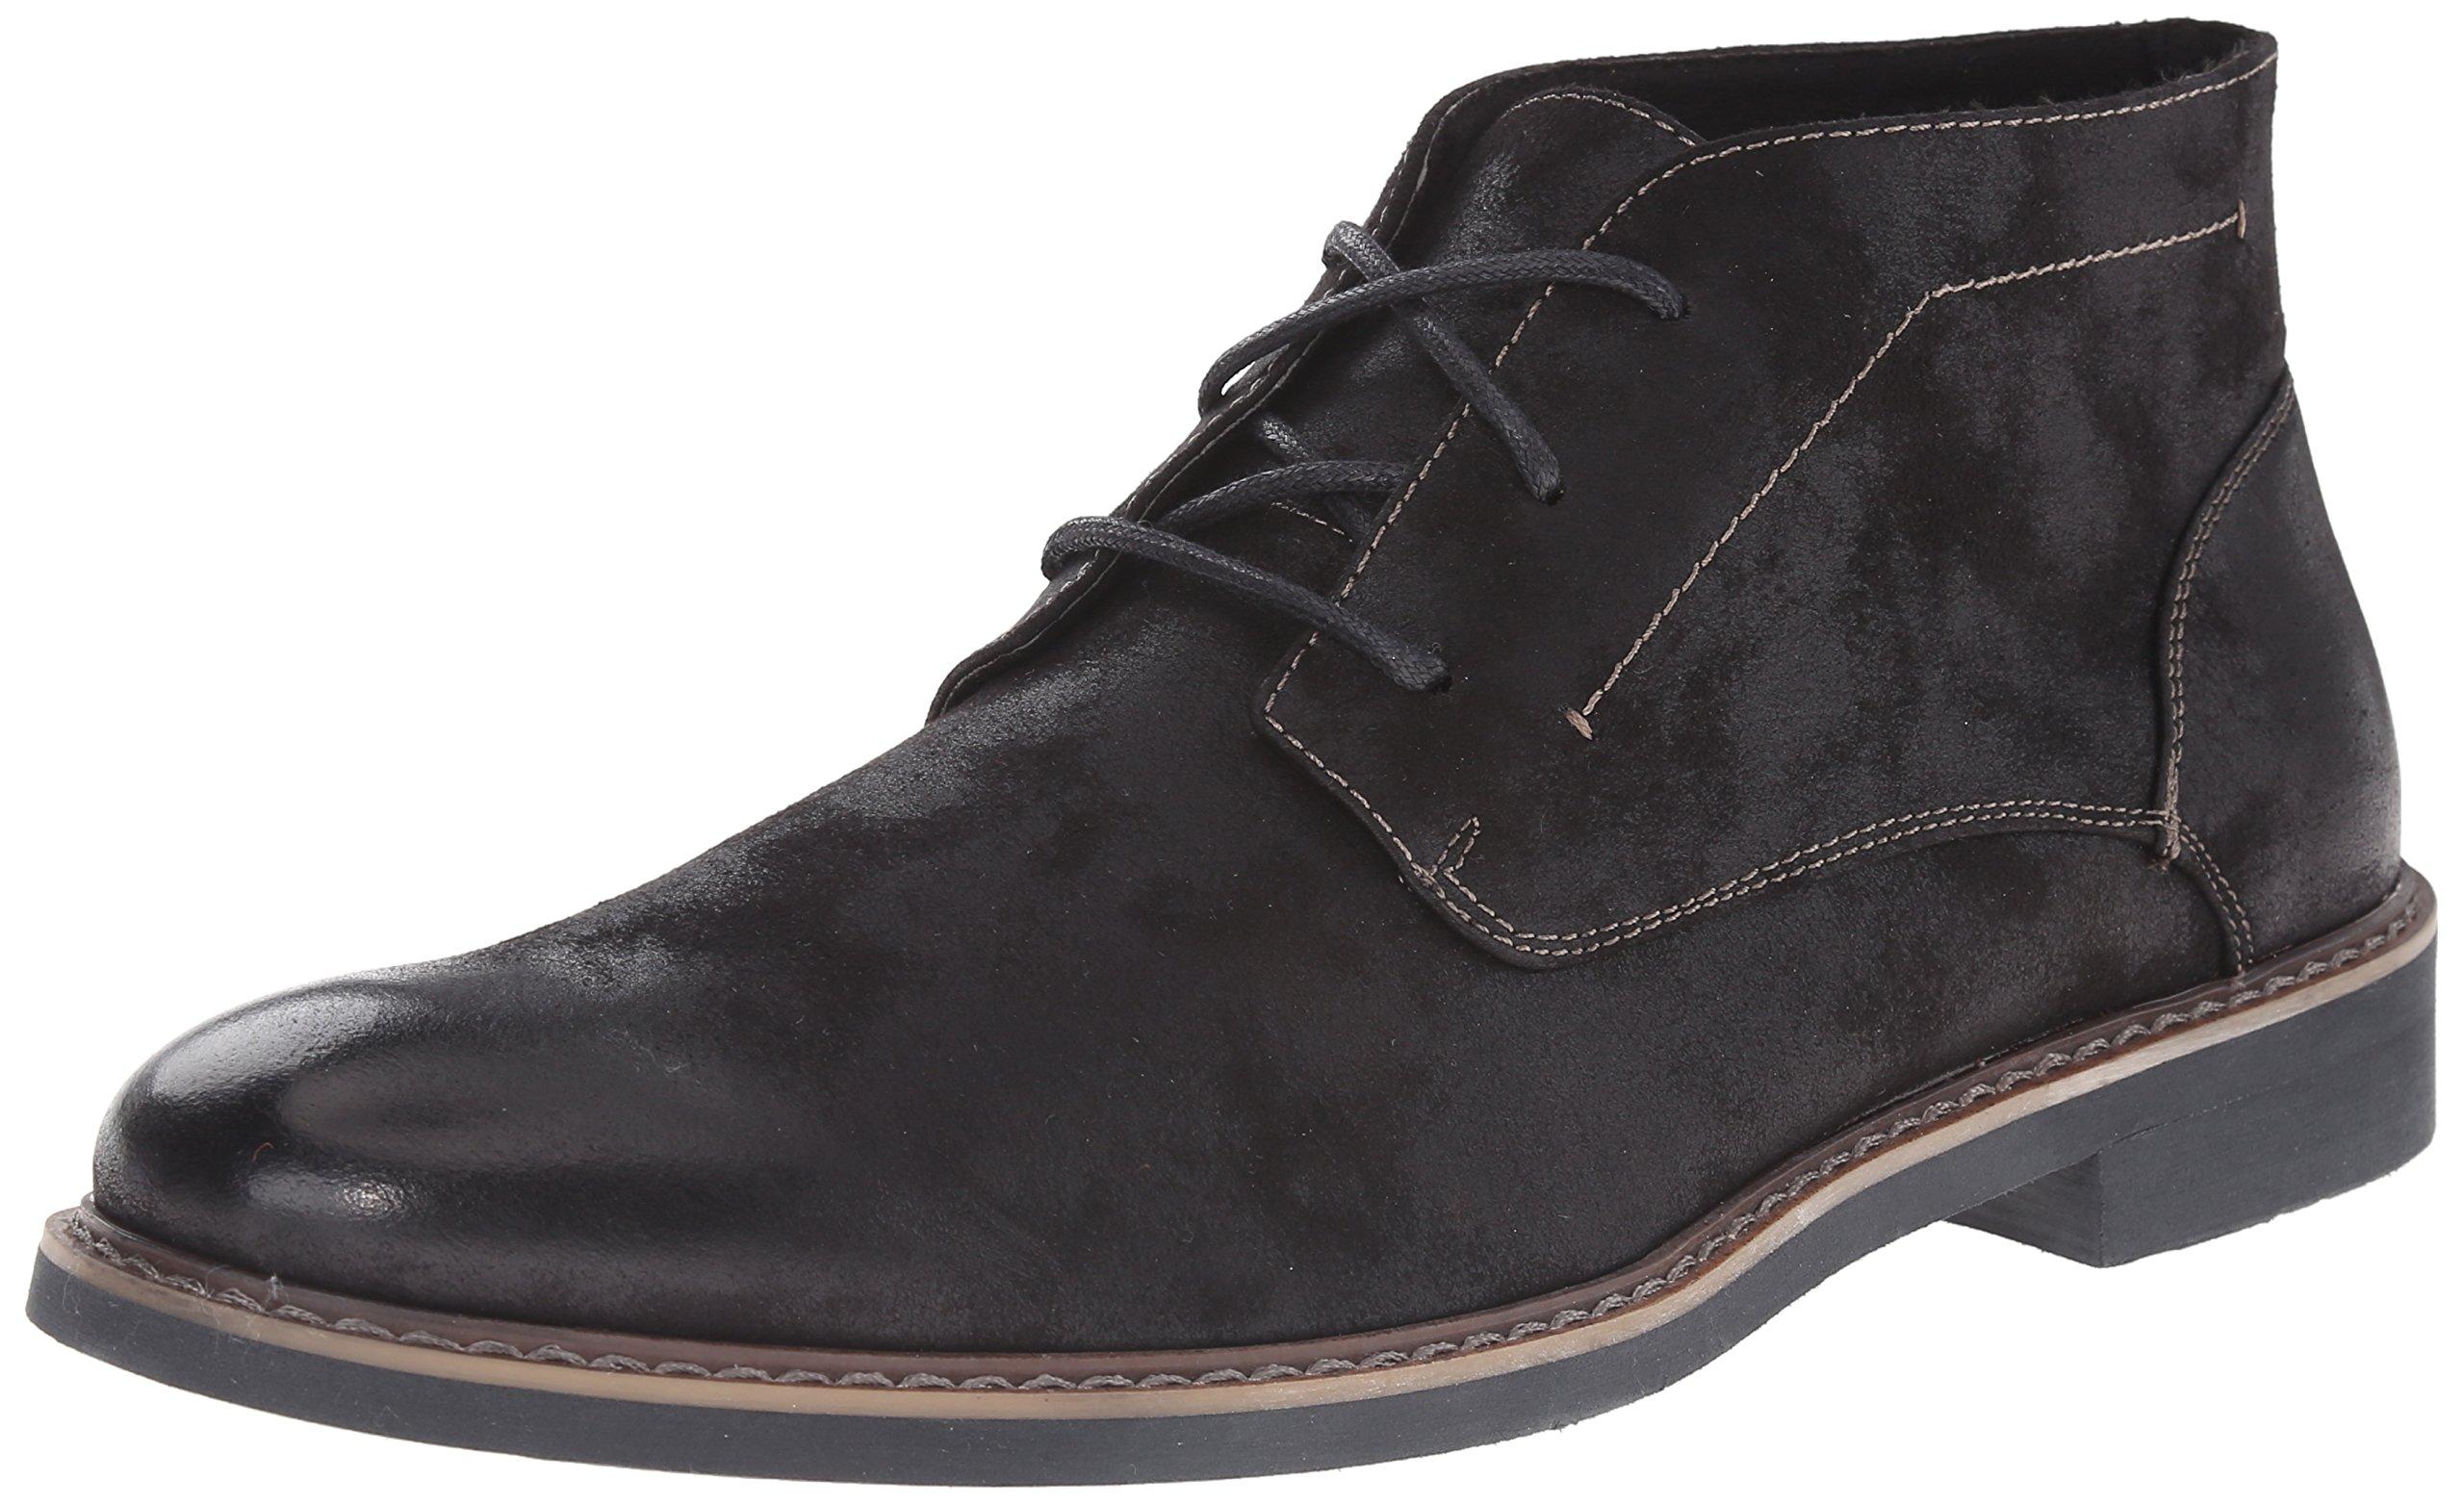 Deer Stags Men's Somers Boot, Black, 10.5 M US